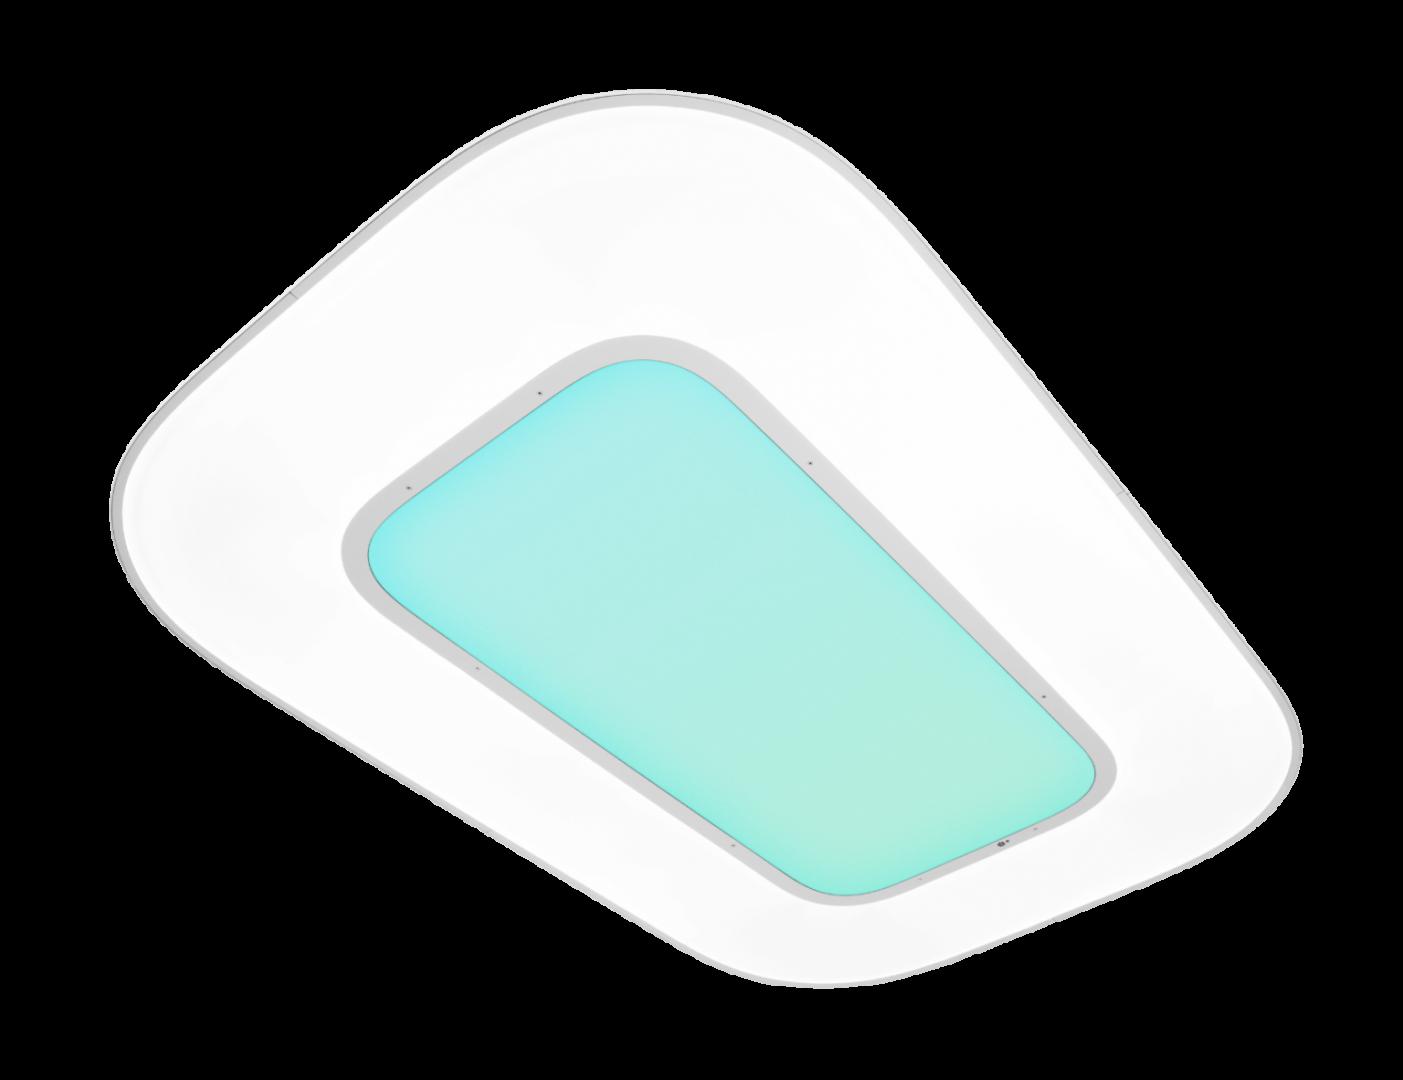 Ordinační LED světlo D-tec Cloud